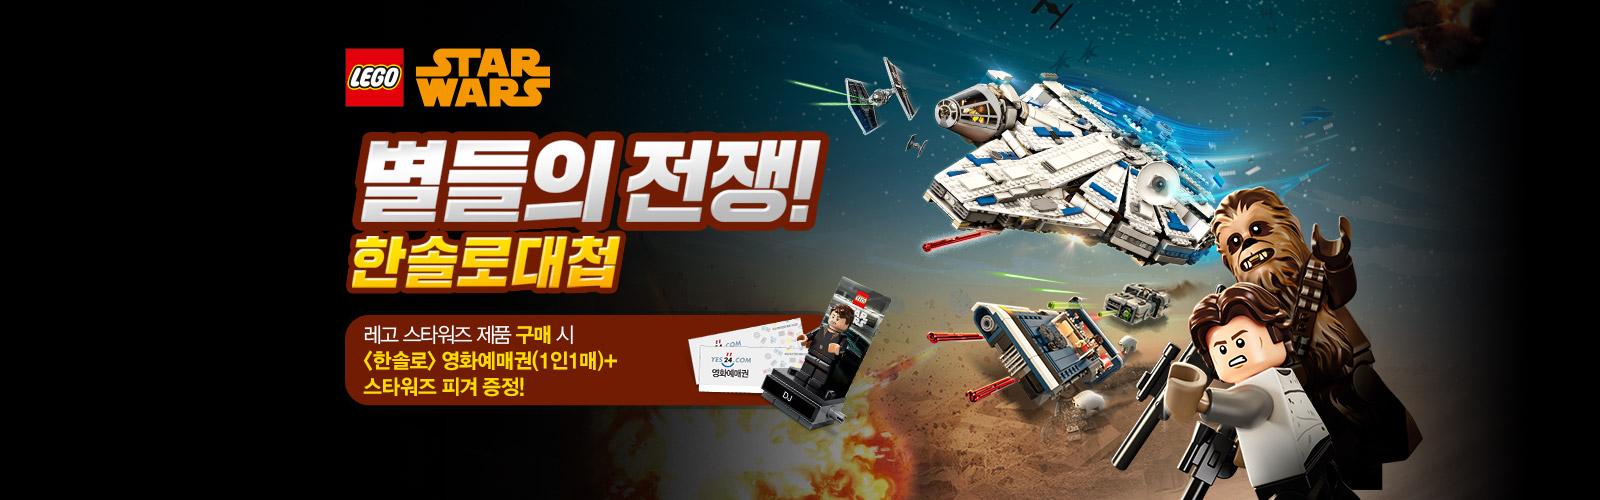 별들의 전쟁! 한솔로 대첩 이벤트 레고 스타워즈 구매시 <한솔로> 영화예매권 +미니피겨 증정!